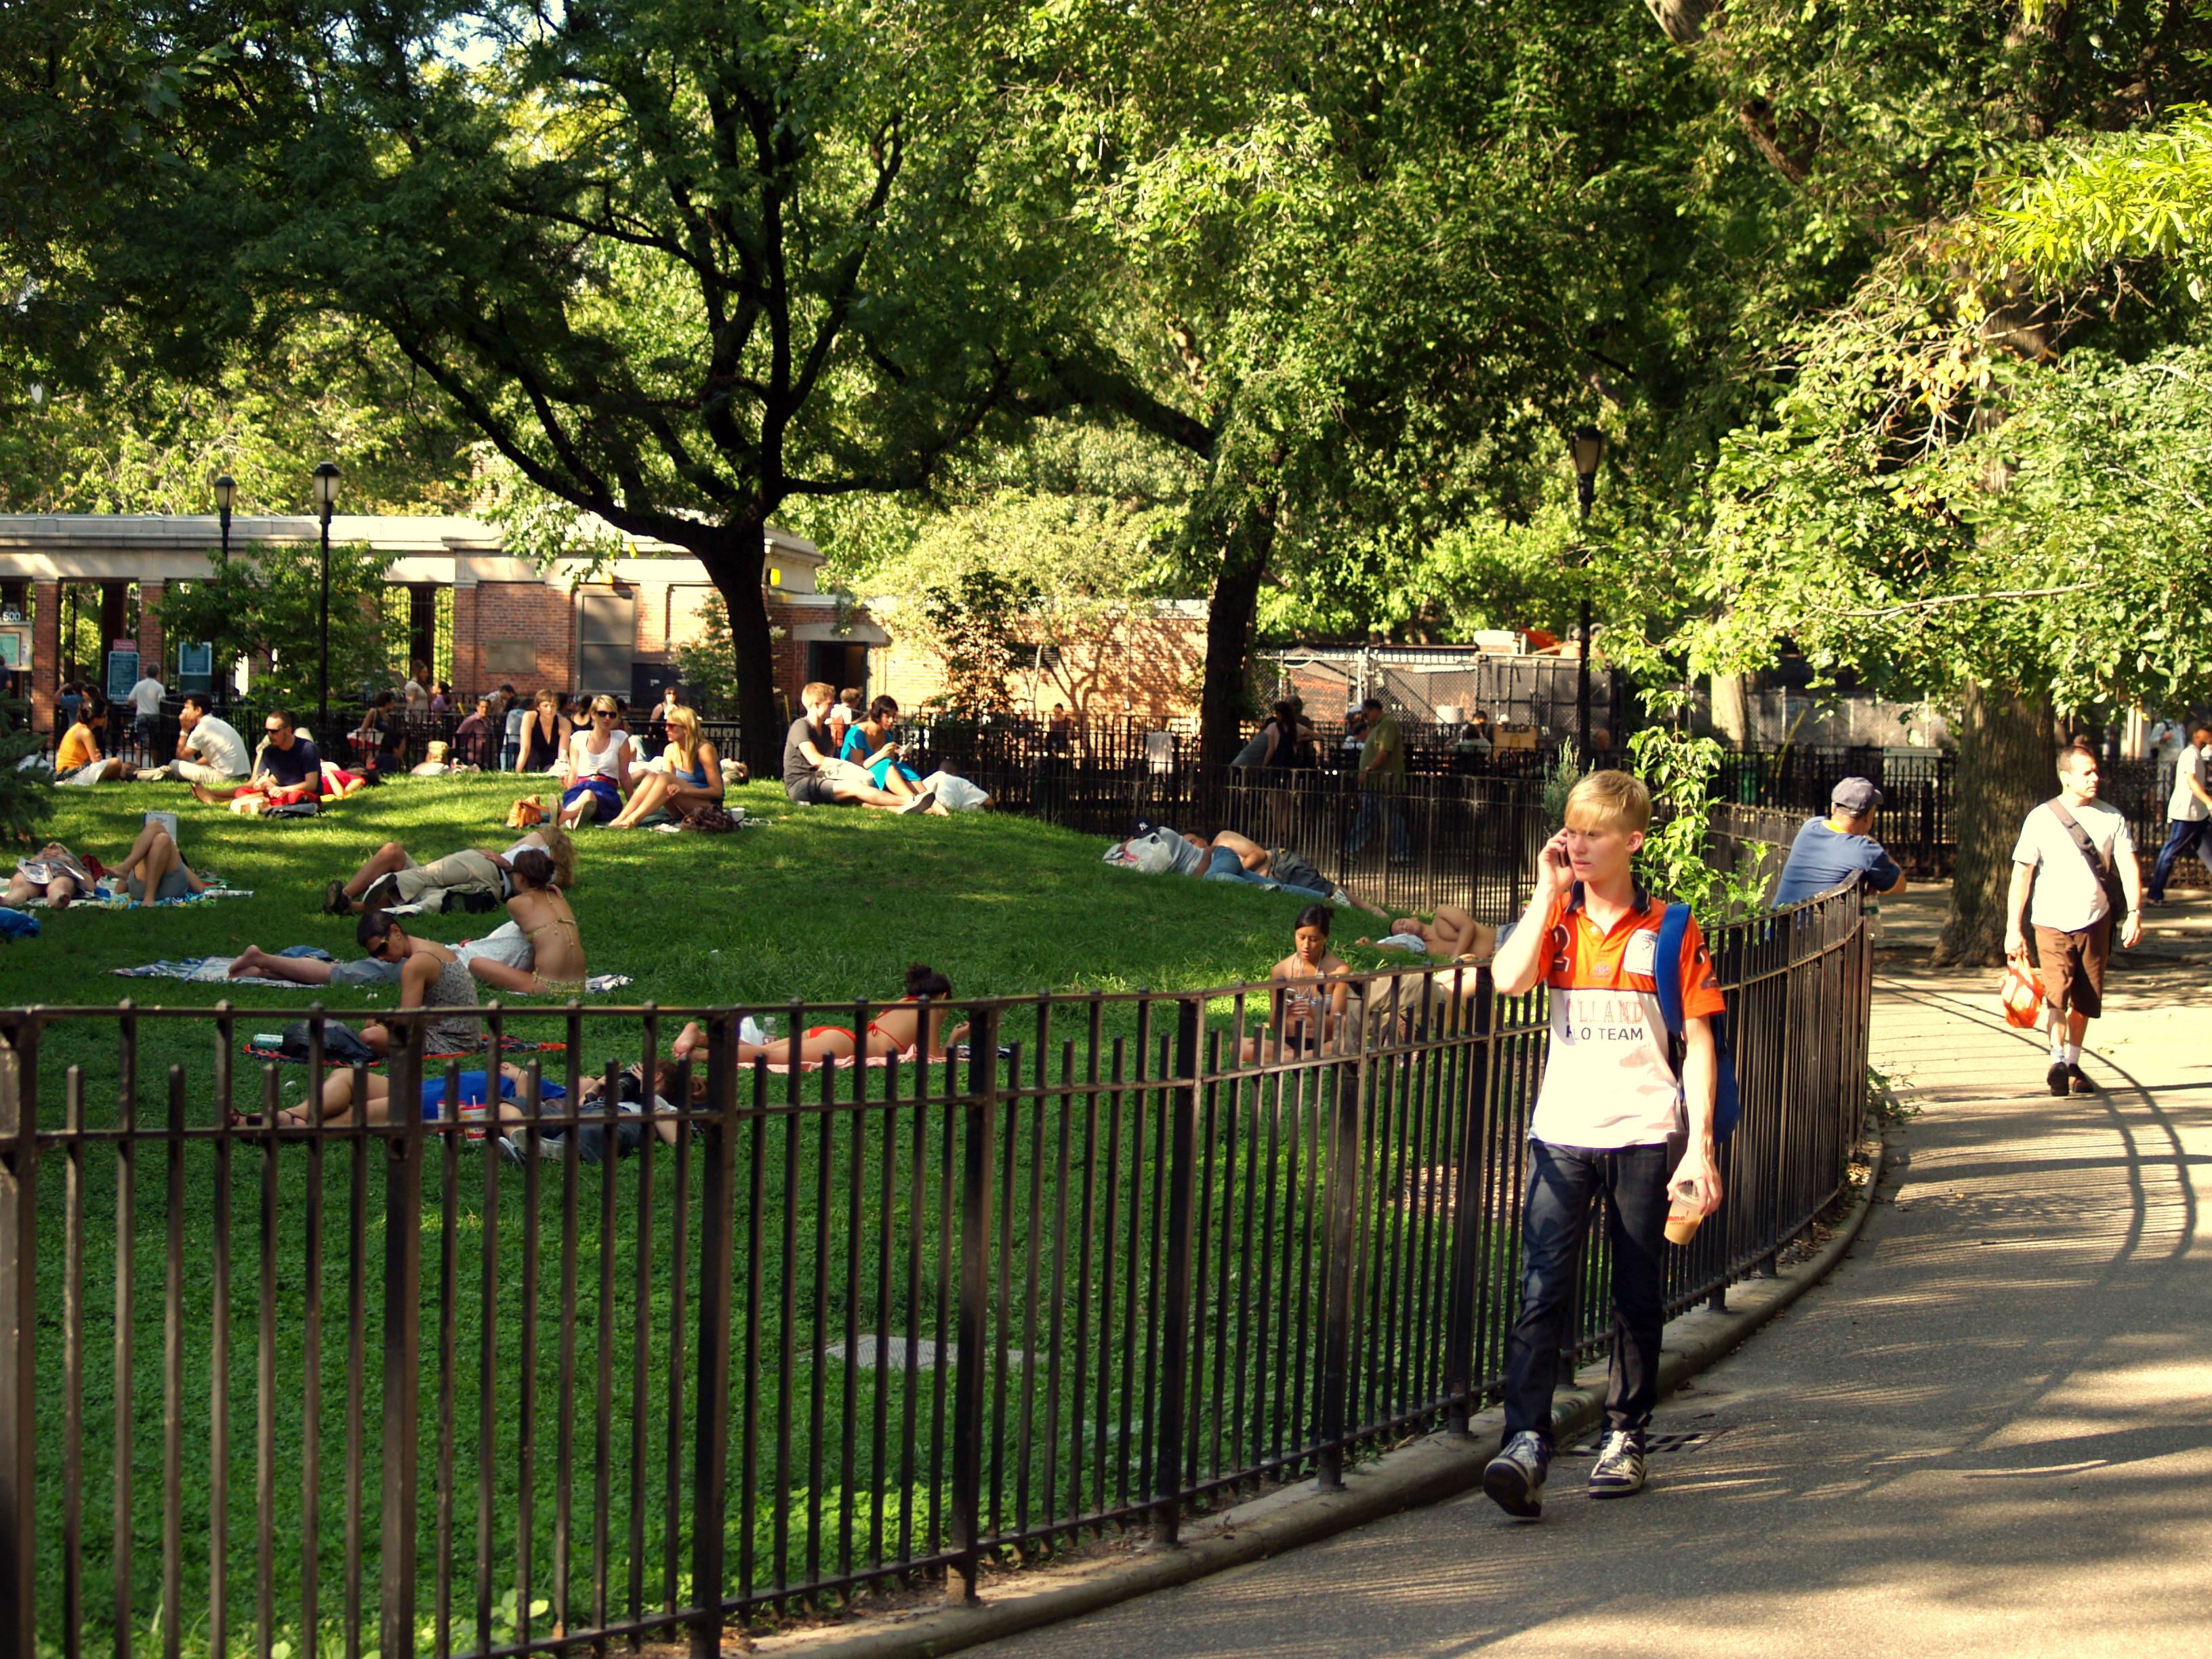 atracoes turisticas visitar NYC EUA